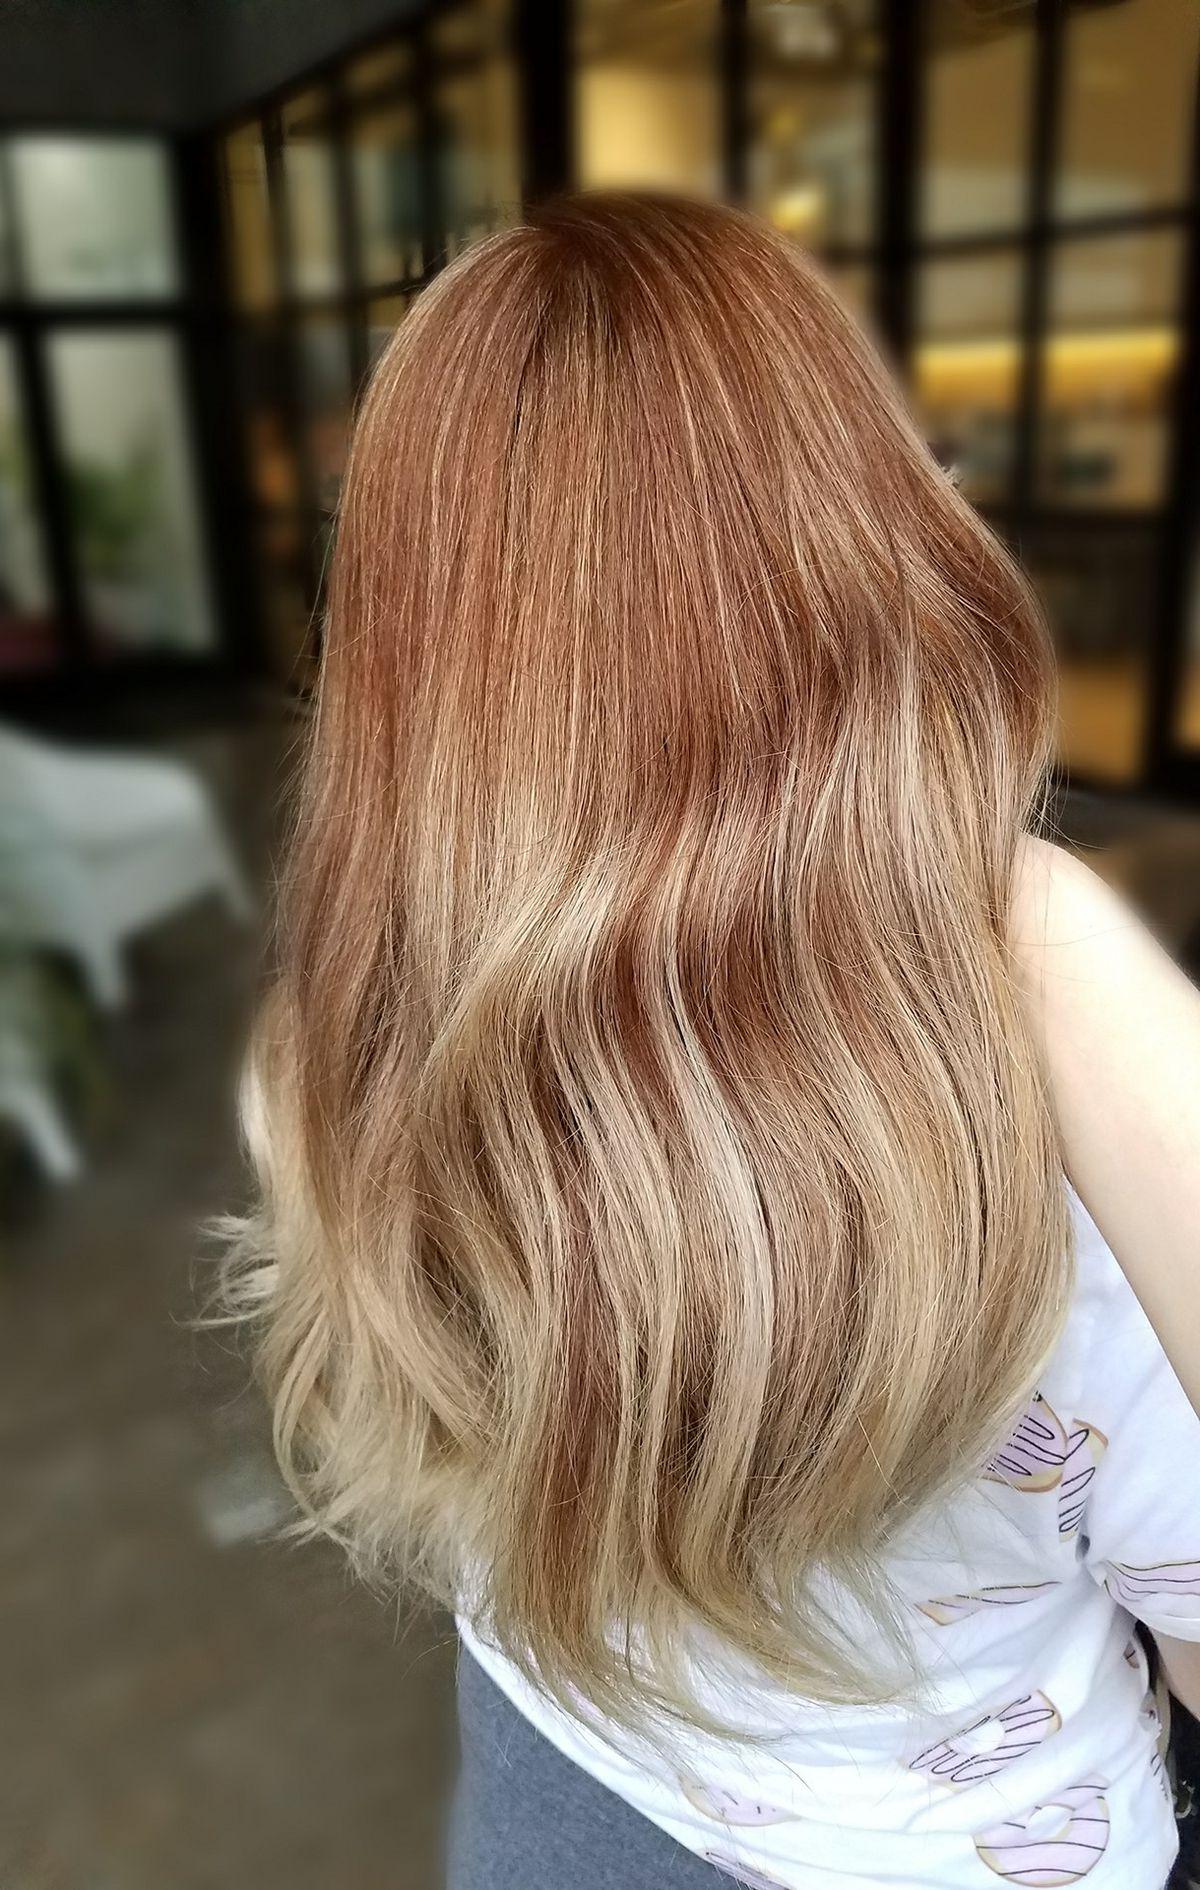 Strawberry Blonde Balayage | Blonde Balayage, Long Hair Pertaining To Strawberry Blonde Balayage Hairstyles (View 3 of 20)